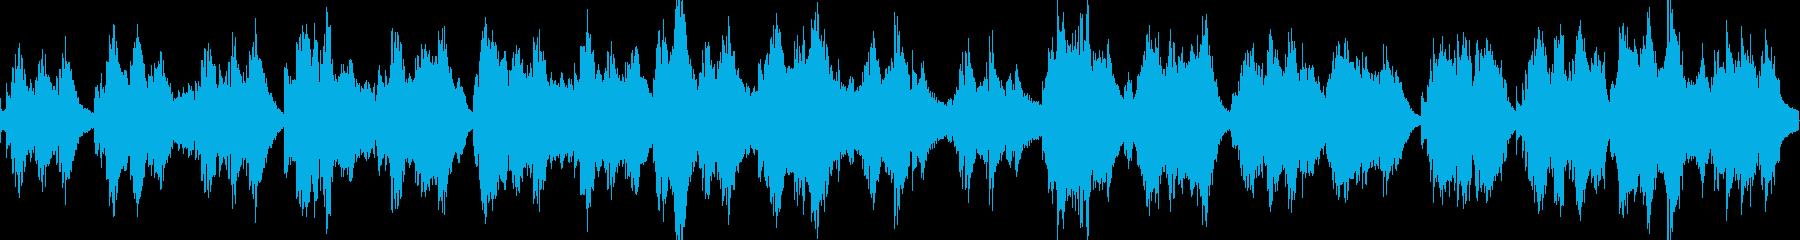 不気味で神秘的な森をイメージした暗い曲の再生済みの波形